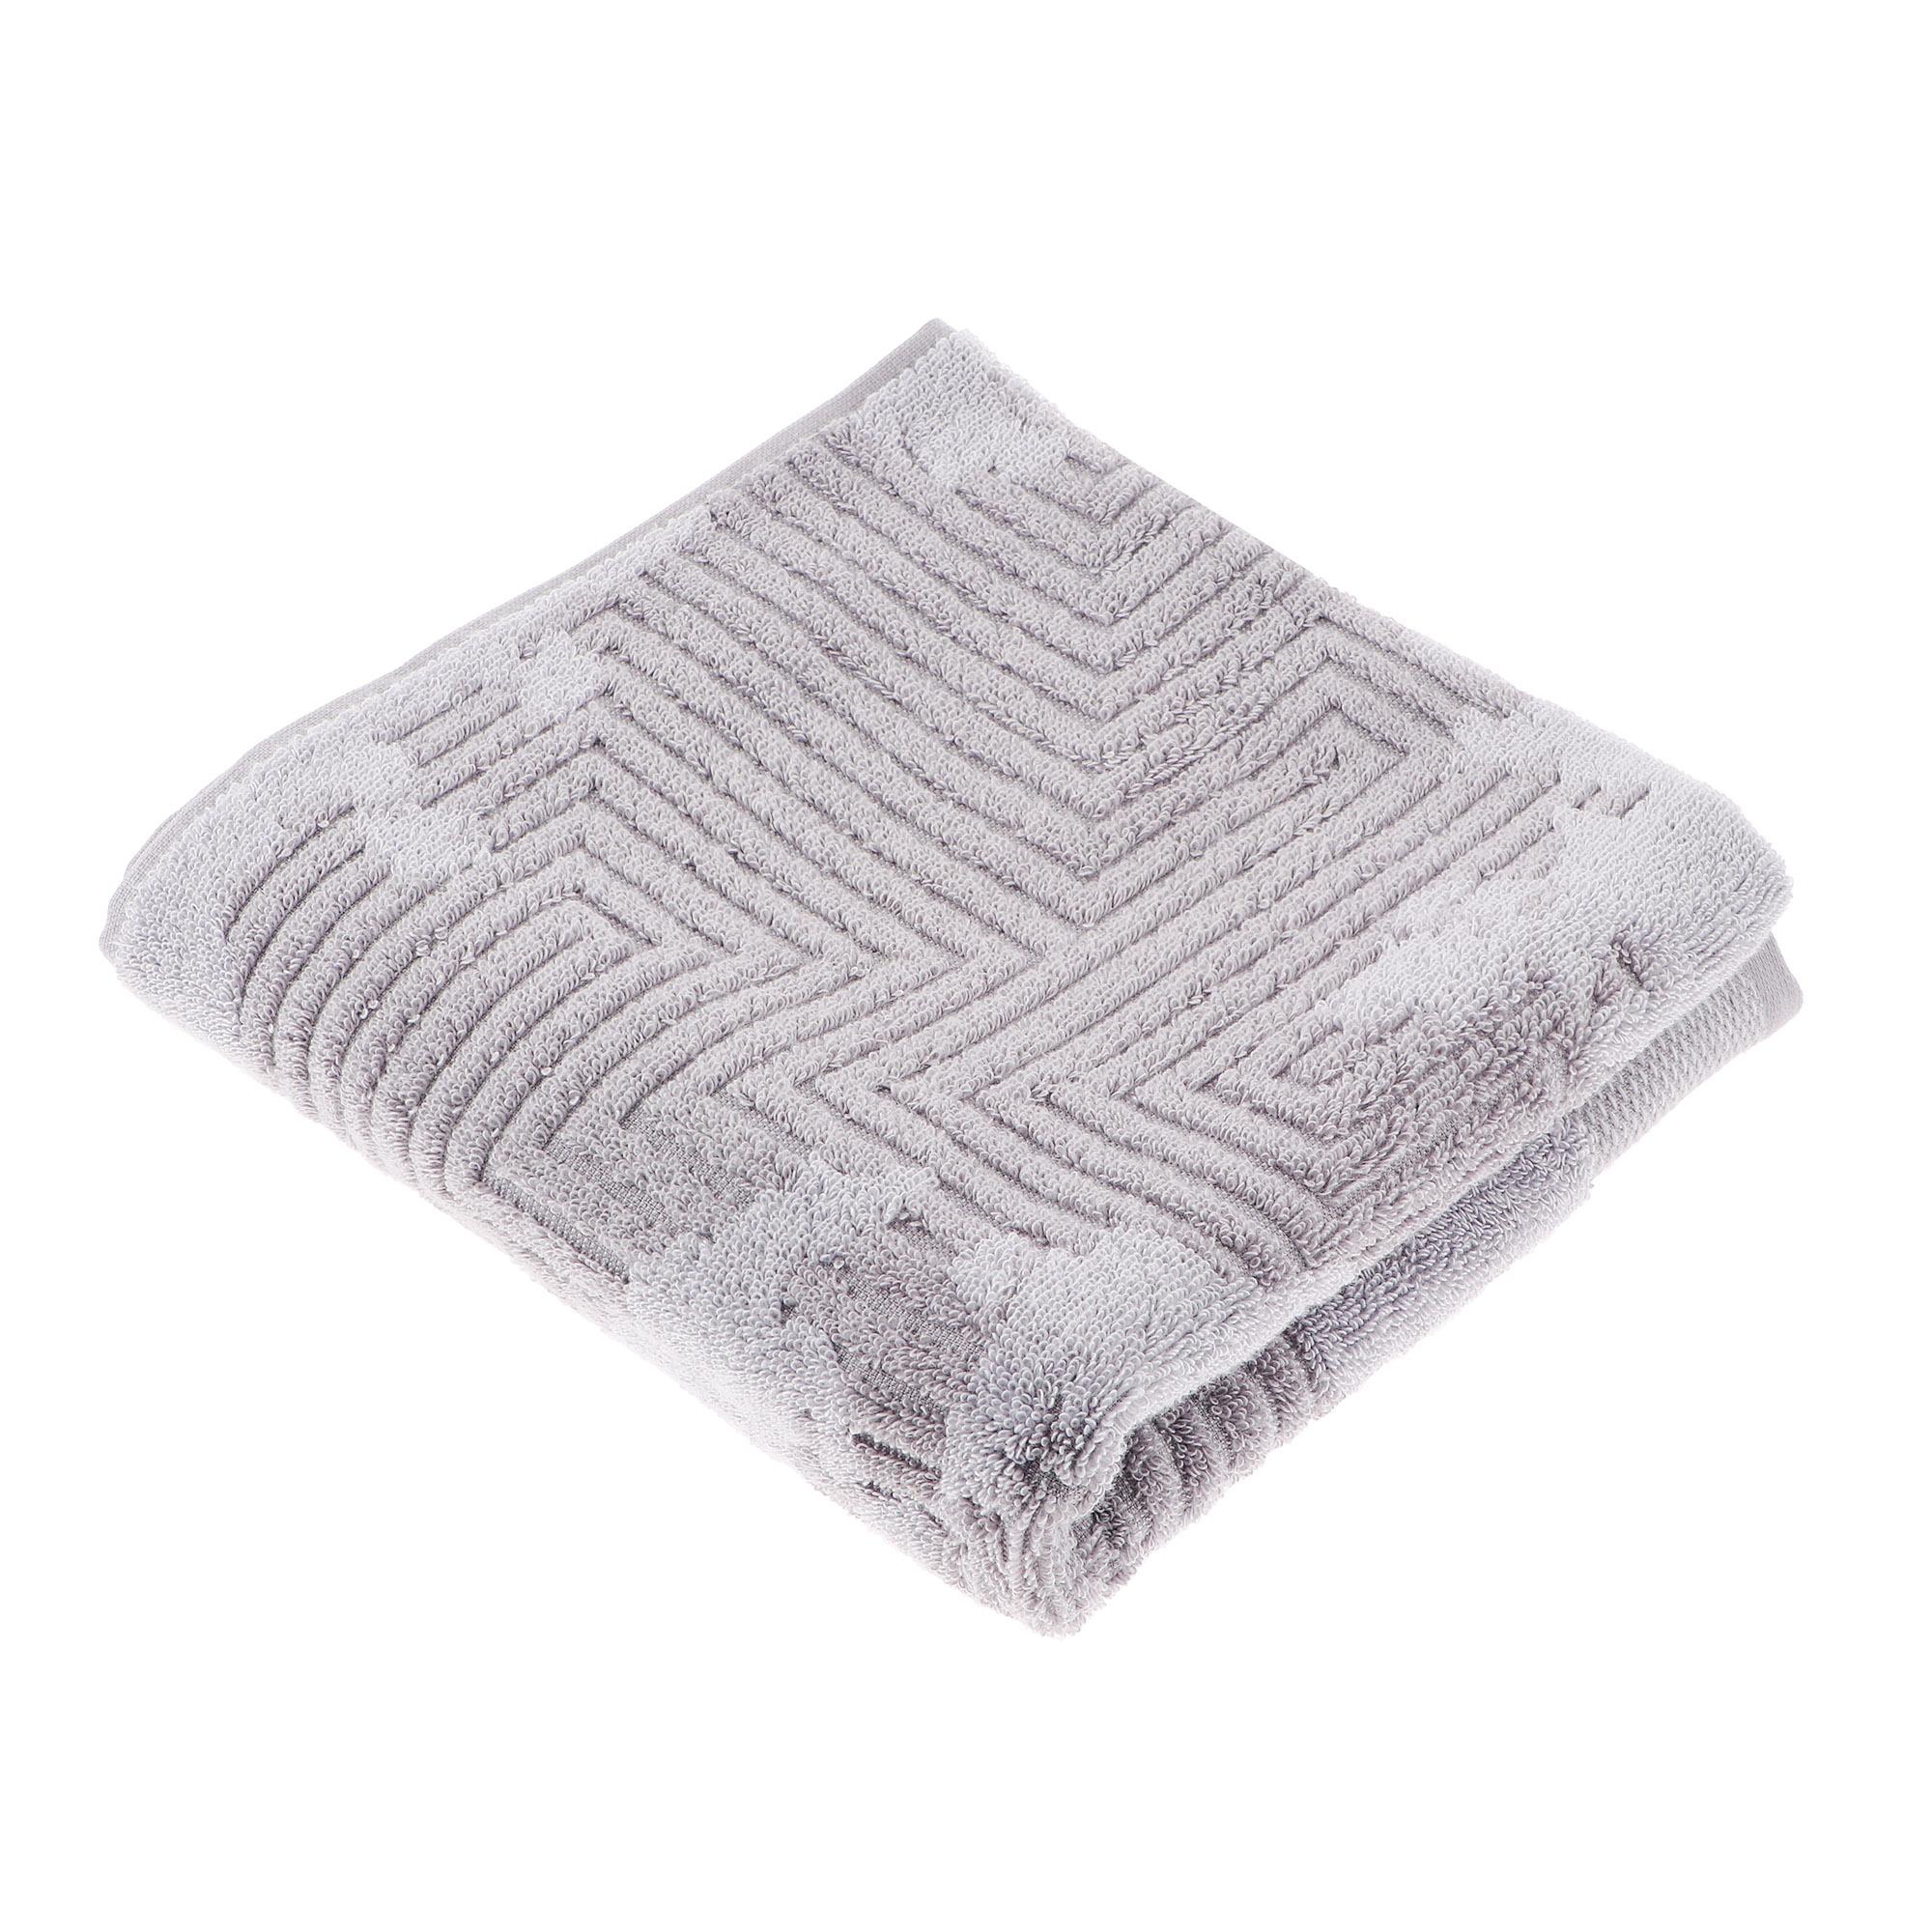 Полотенце махровое Cleanelly нуовэ террэ 100х150 пестротканное бело-серое фото